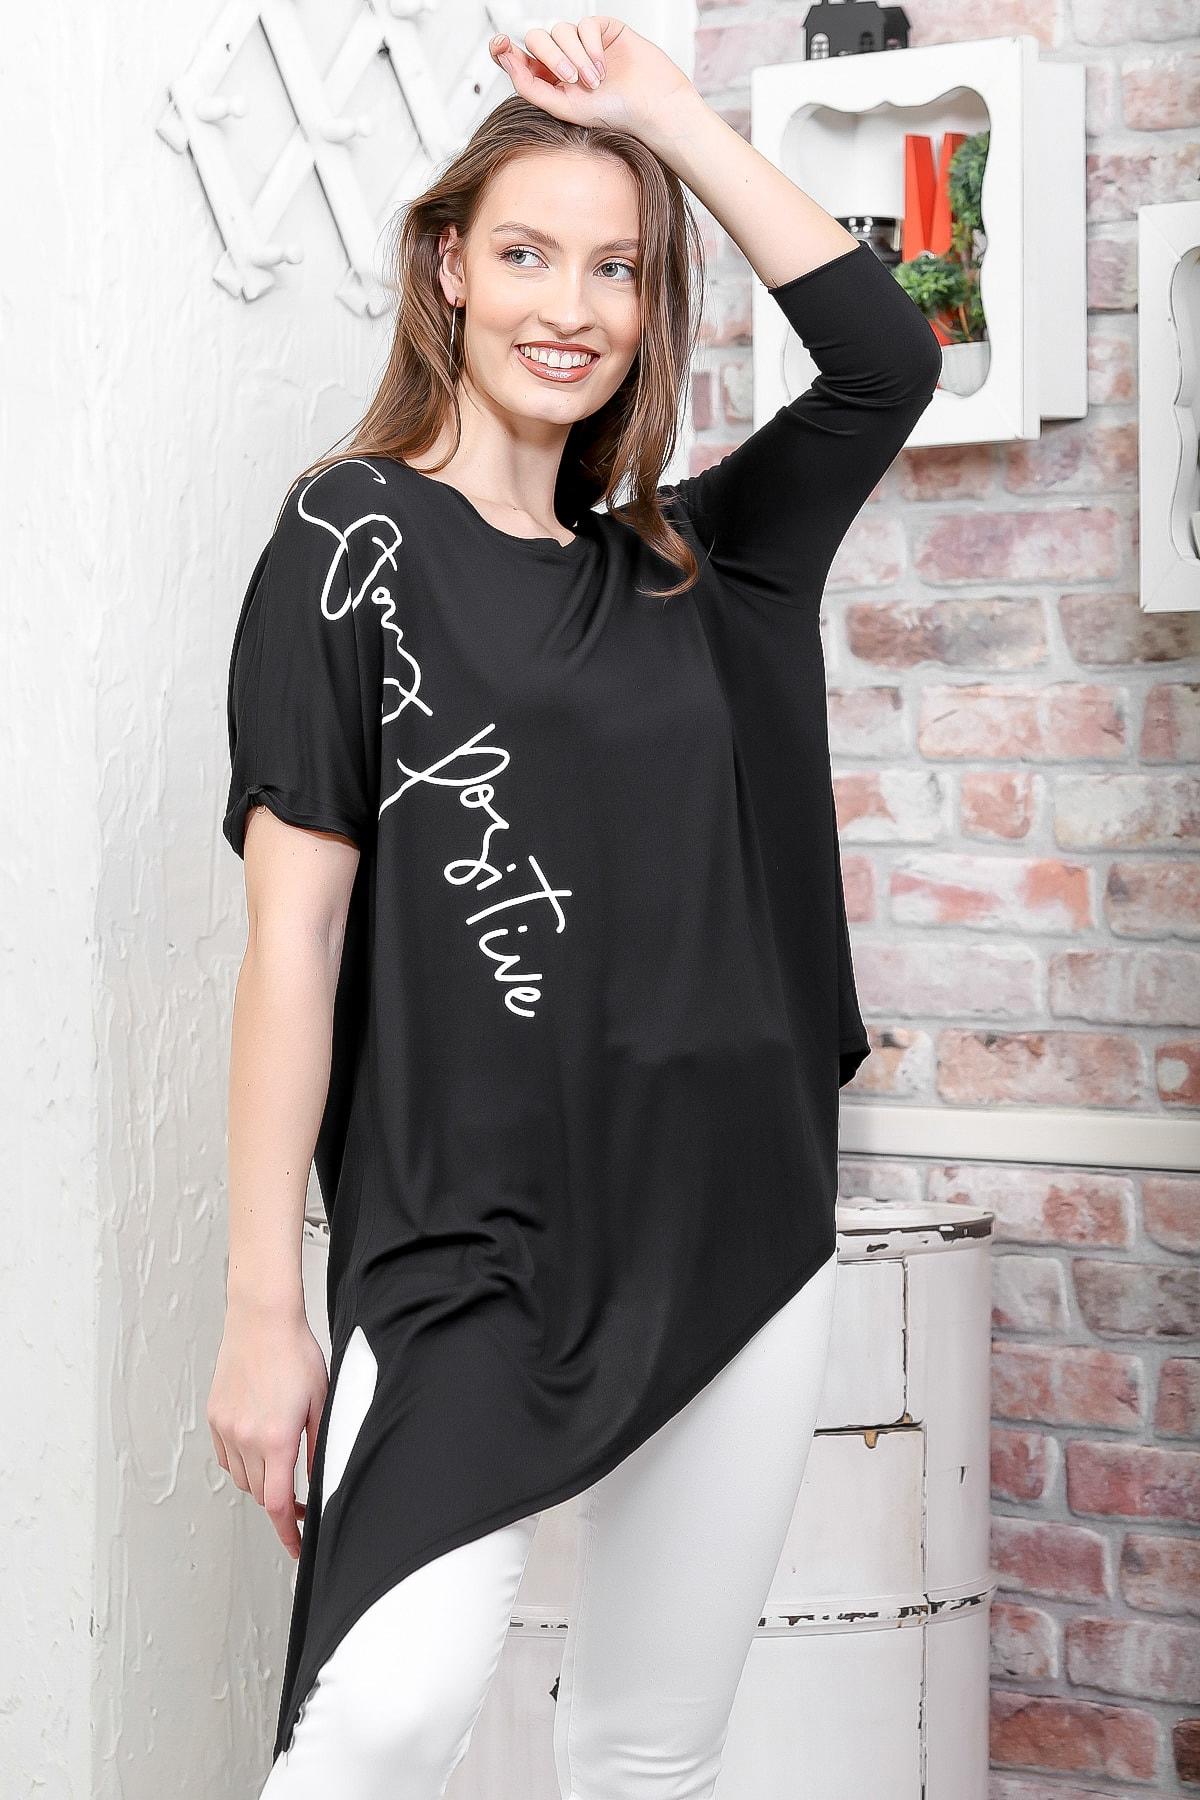 Chiccy Kadın Siyah Sıfır Yaka Yanı Asimetrik Baskılı Salaş T-Shirt M10010300TS98261 1